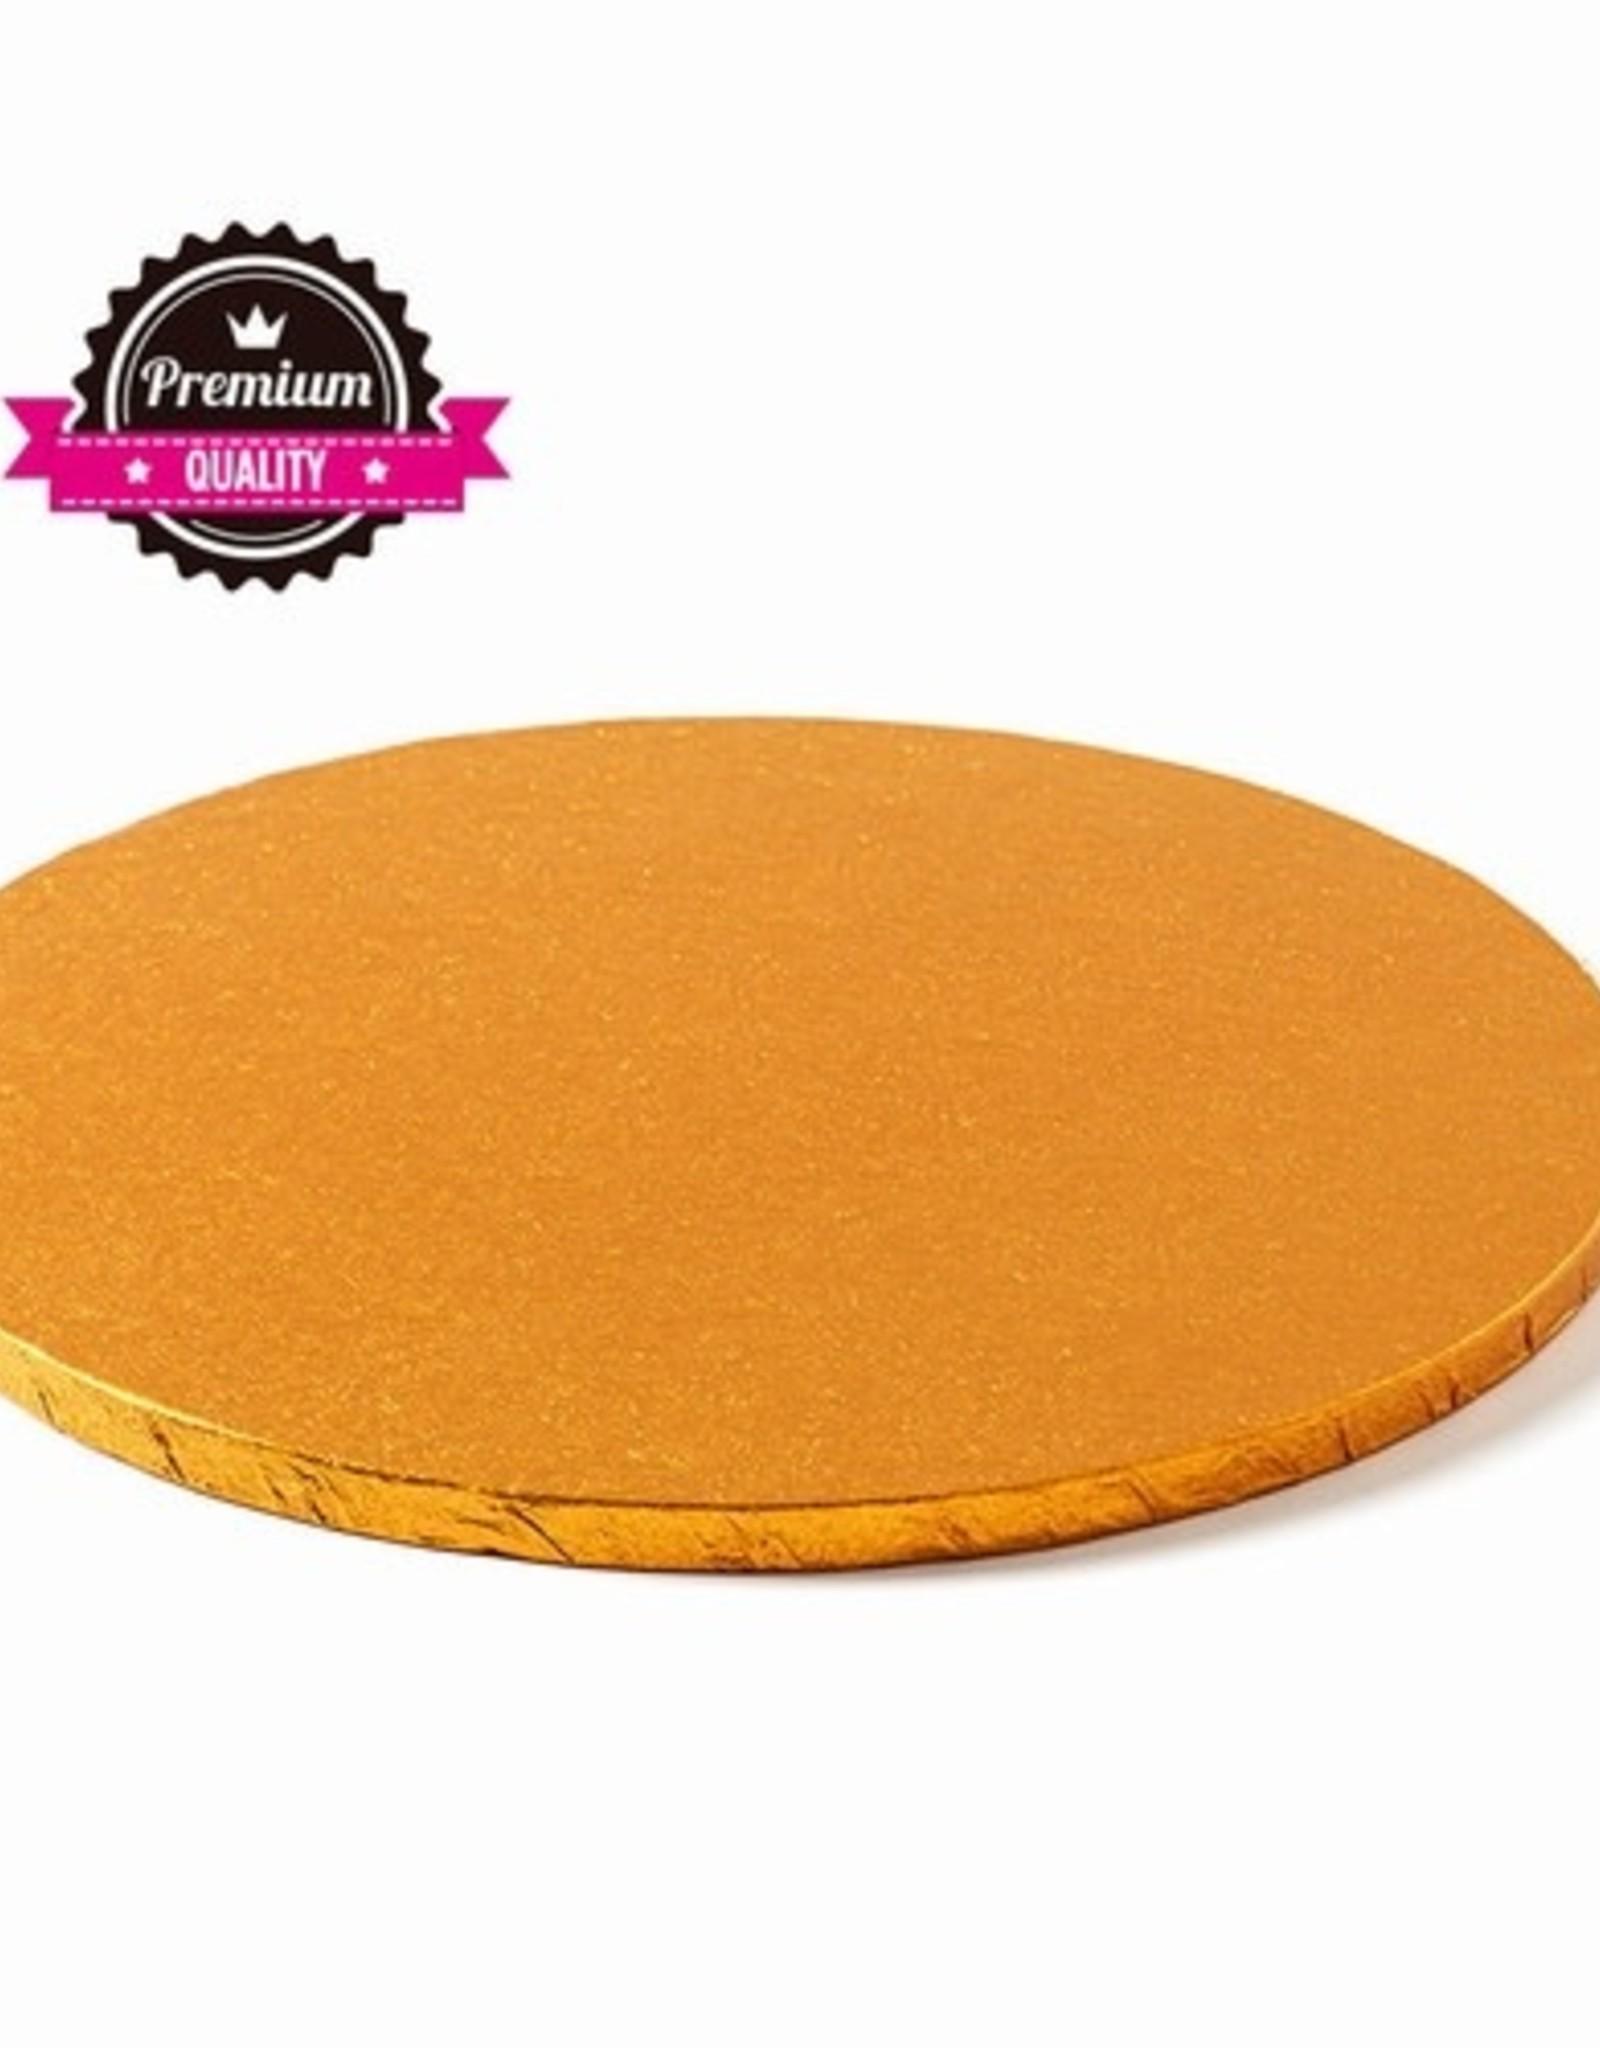 Decora Cake Drum Rond Ø40cm Orange